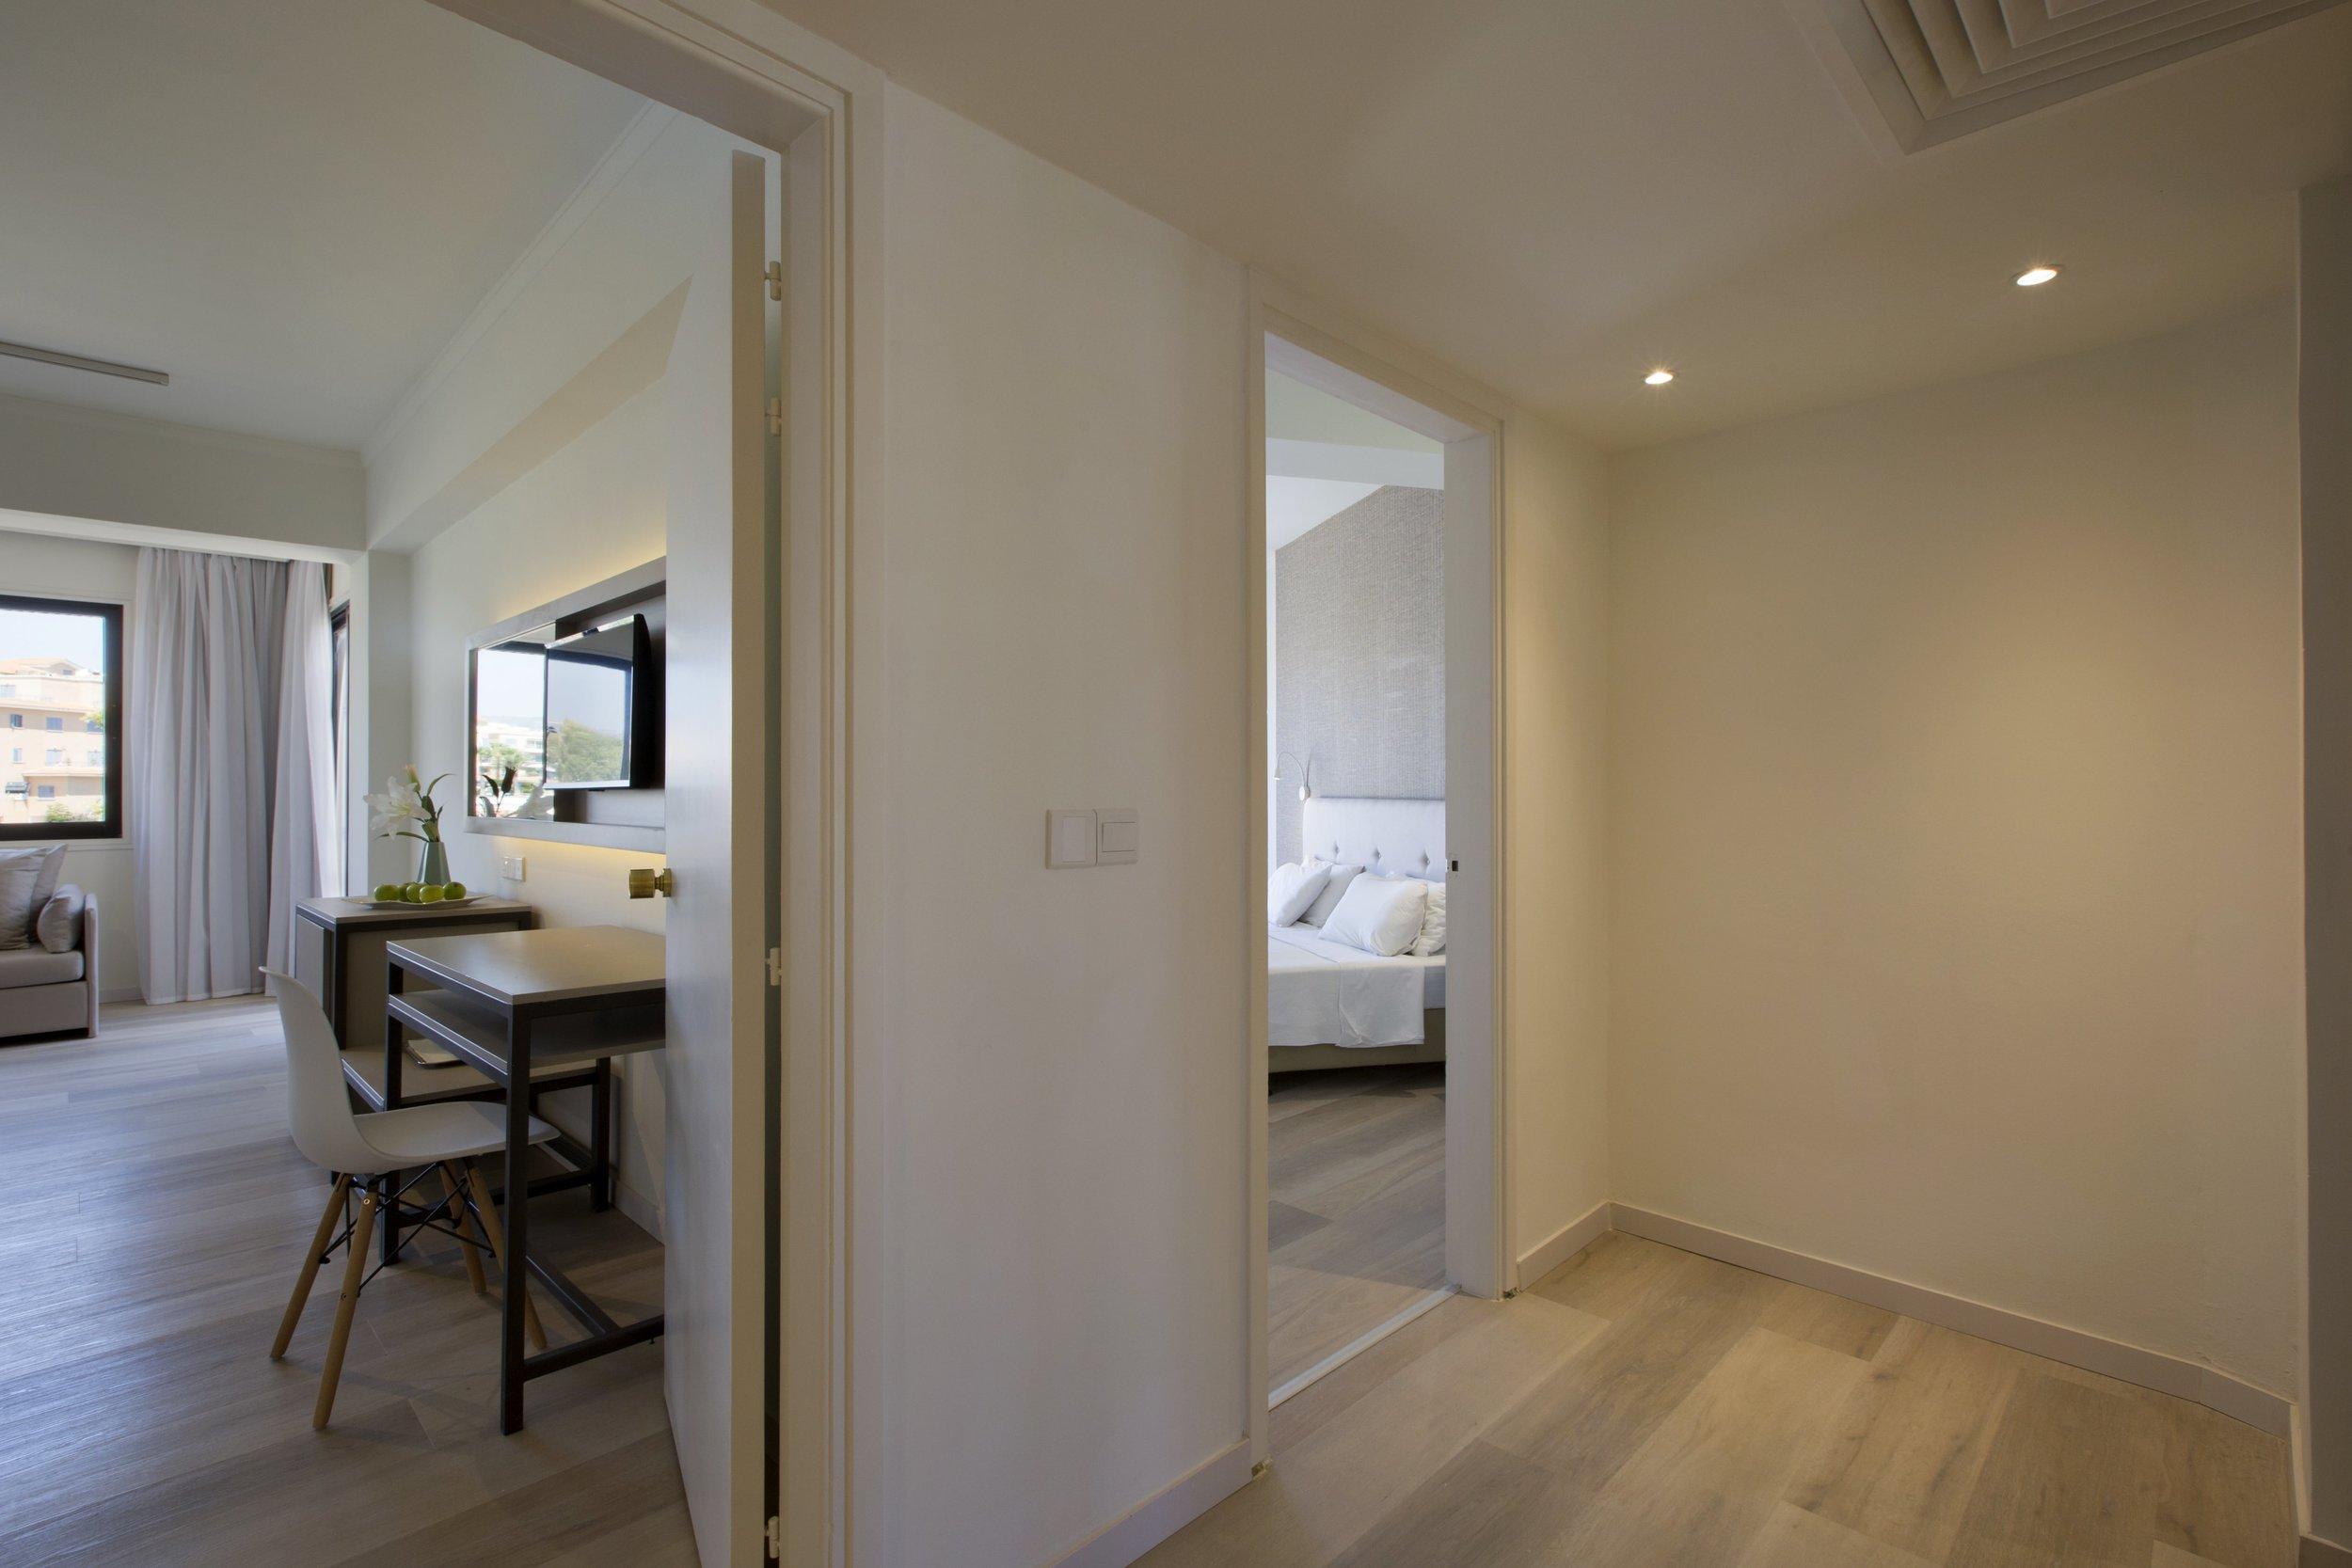 VENUS HOTEL - PAPHOS